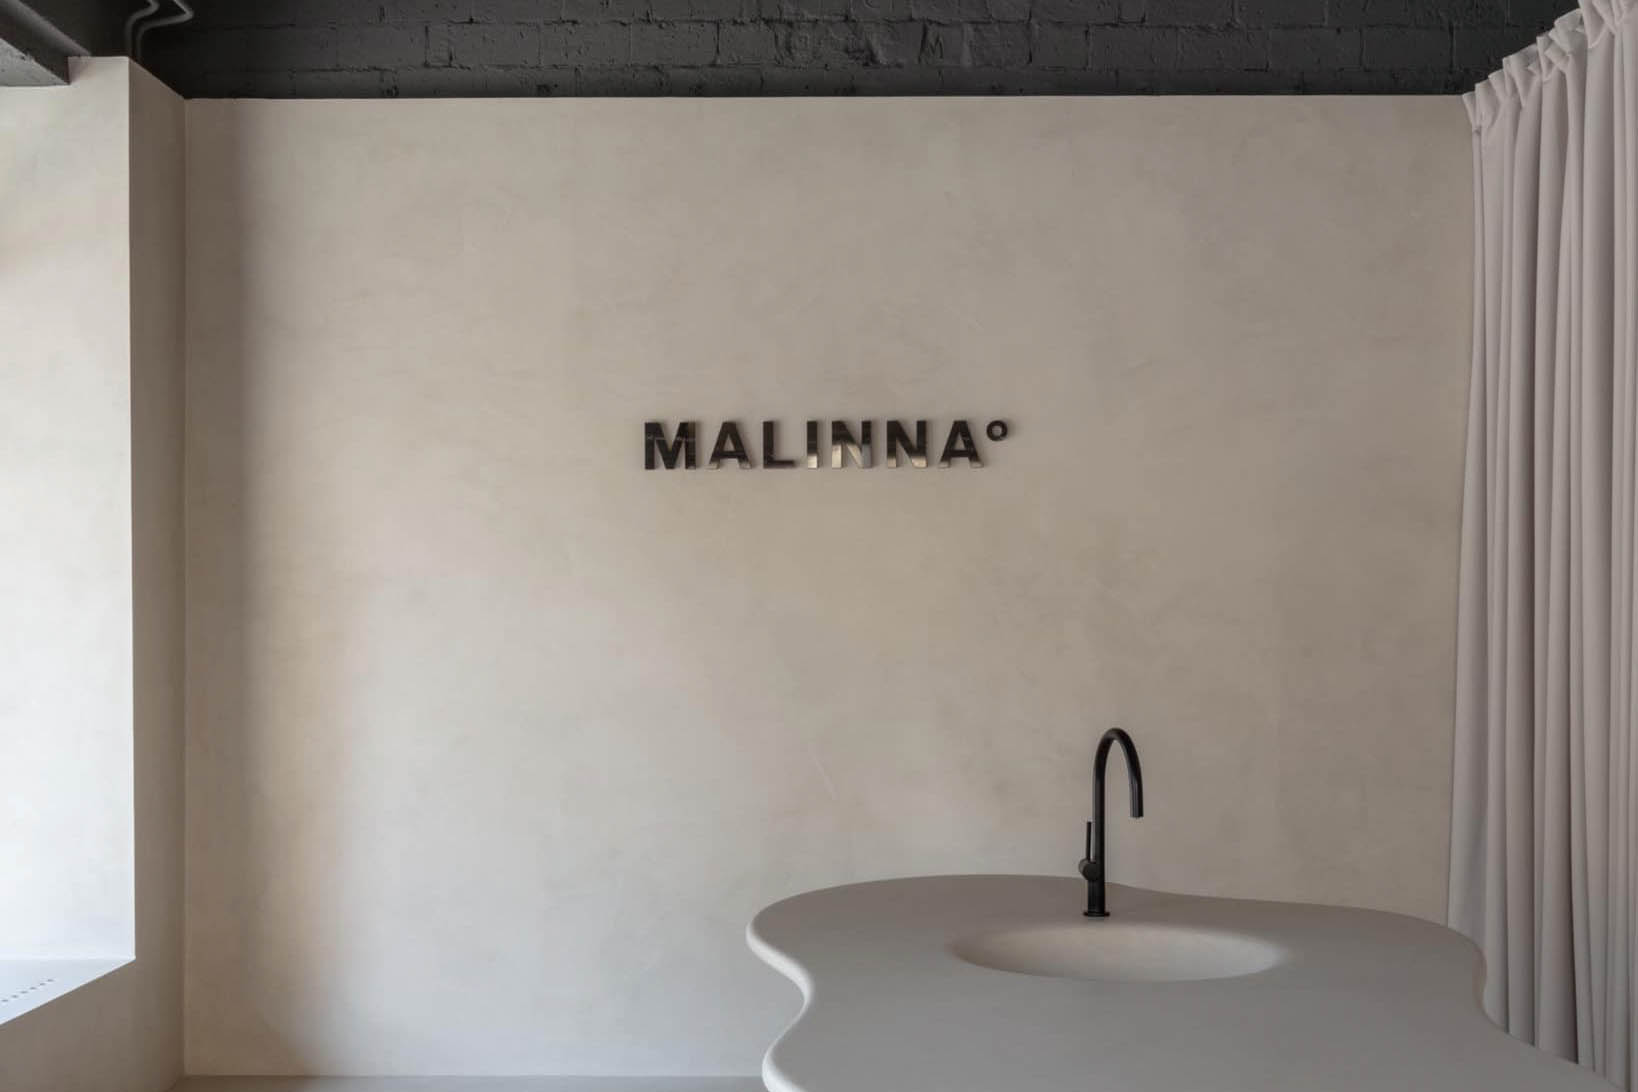 Minimalismus a inovace. Čím dál populárnější, u nás i v zahraničí, slovenská kosmetická značka Malinna, na kterou přísahají vizážistky i biomatky, otvírá první kamenný obchod v Bratislavě.